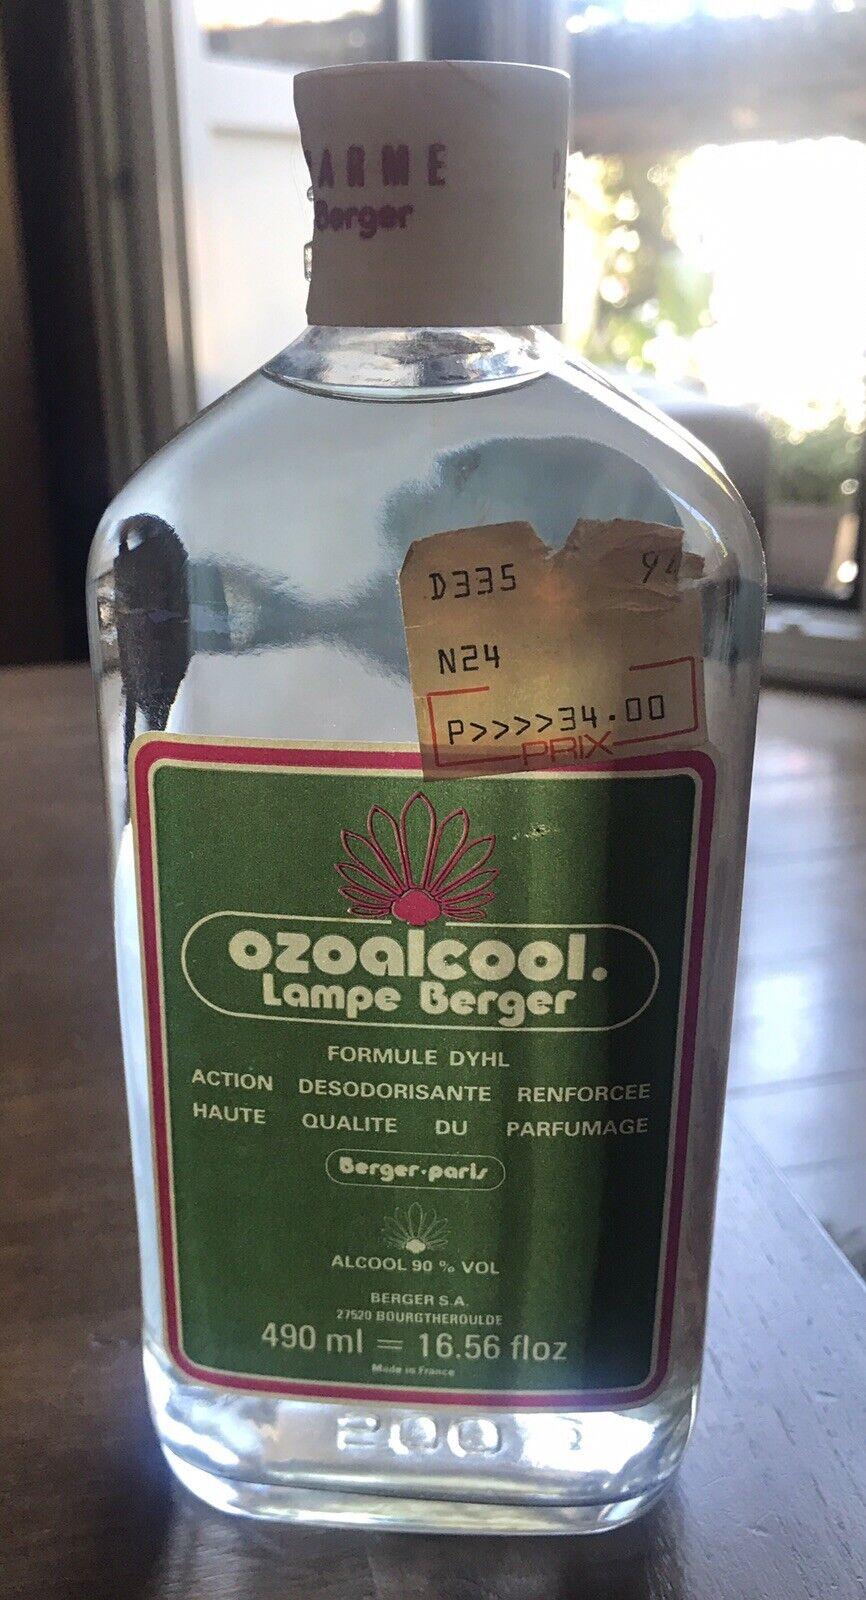 Bouteille d'alcool pour lampe berger 490 ml